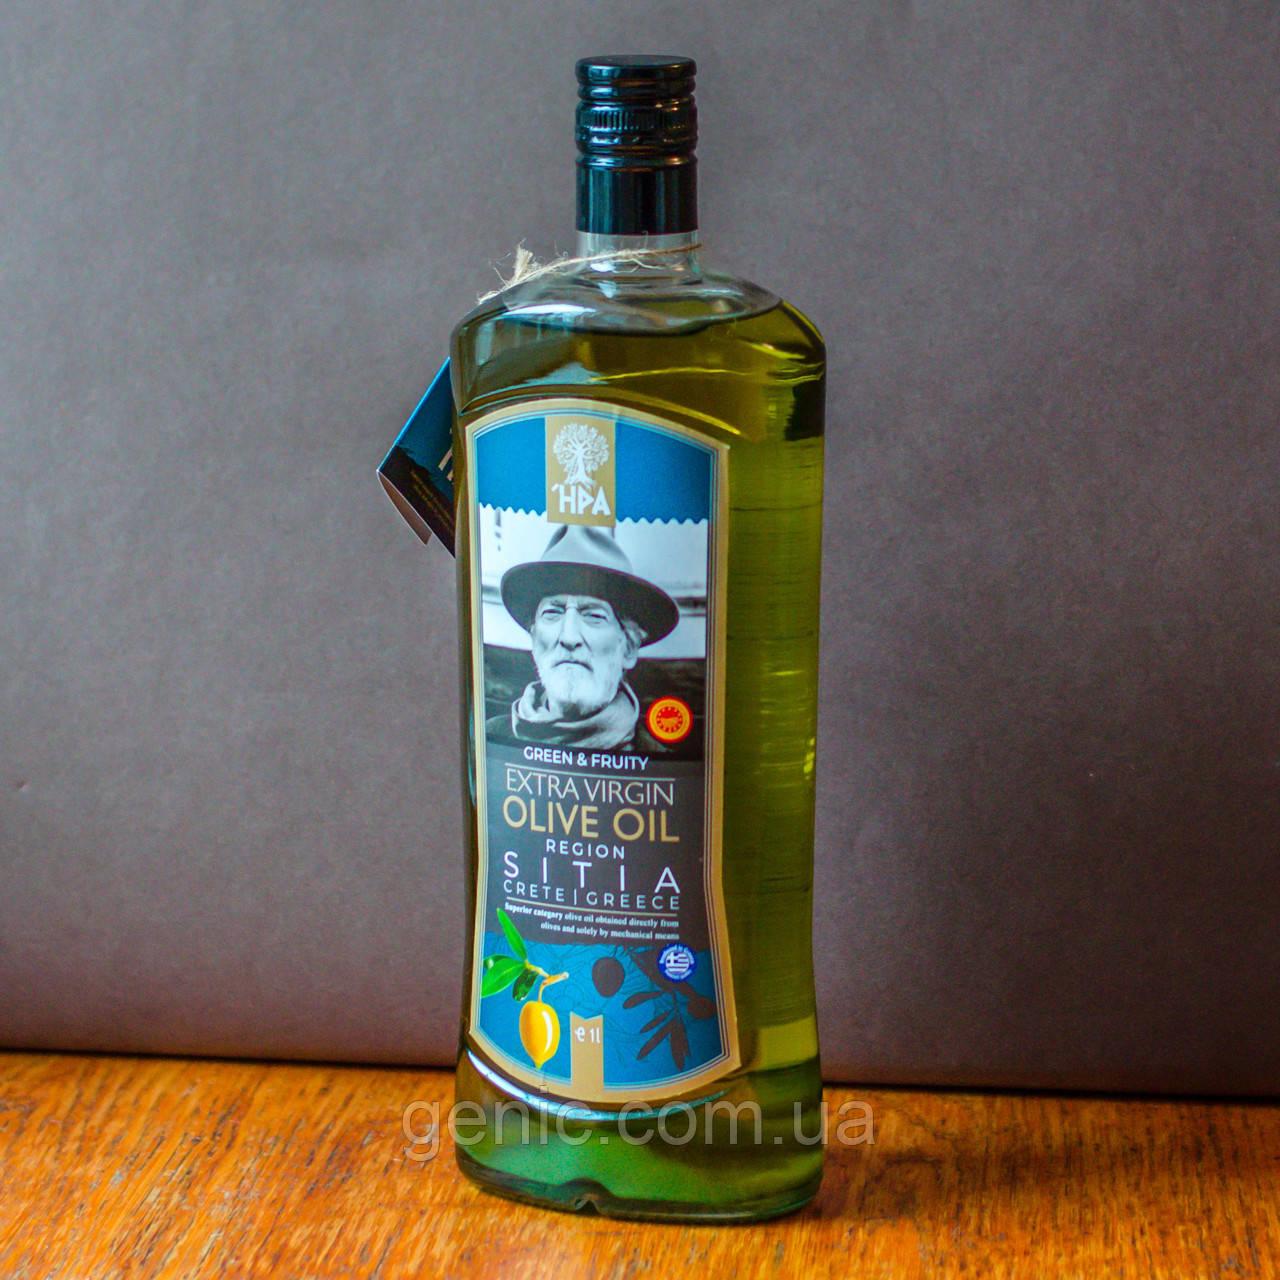 Греческое Оливковое Масло SITIA HPA Extra Virgin (первый отжим) Premium 1л